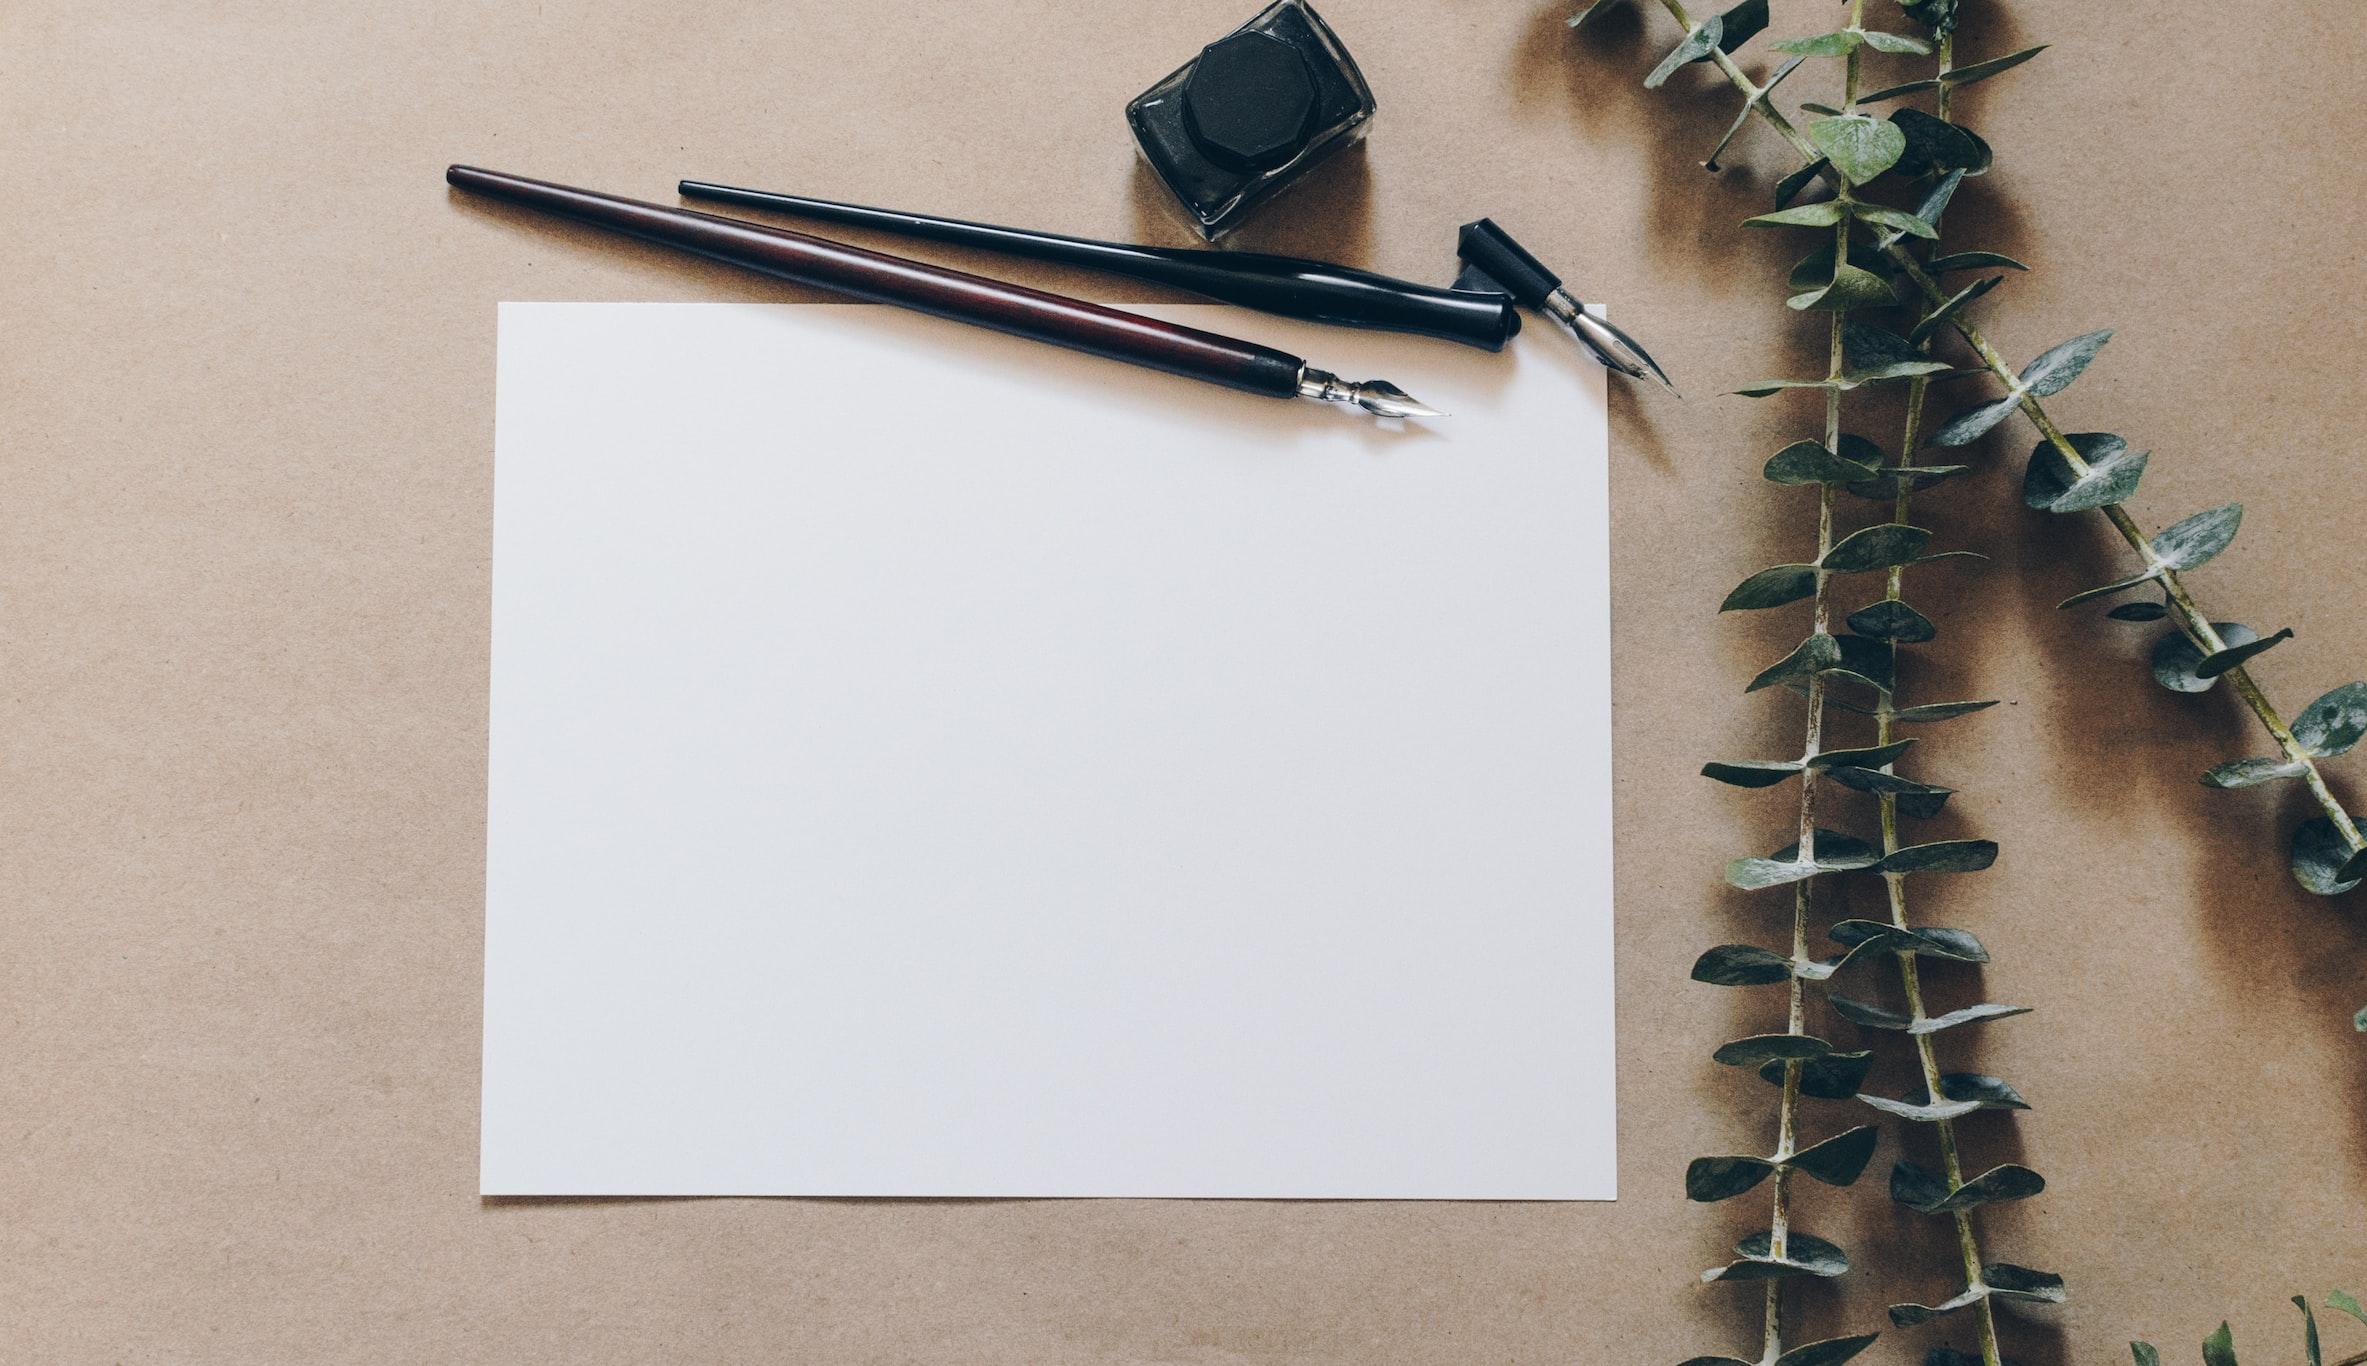 目標を設定する際に押さえておきたいポイント『必ず紙に書く』